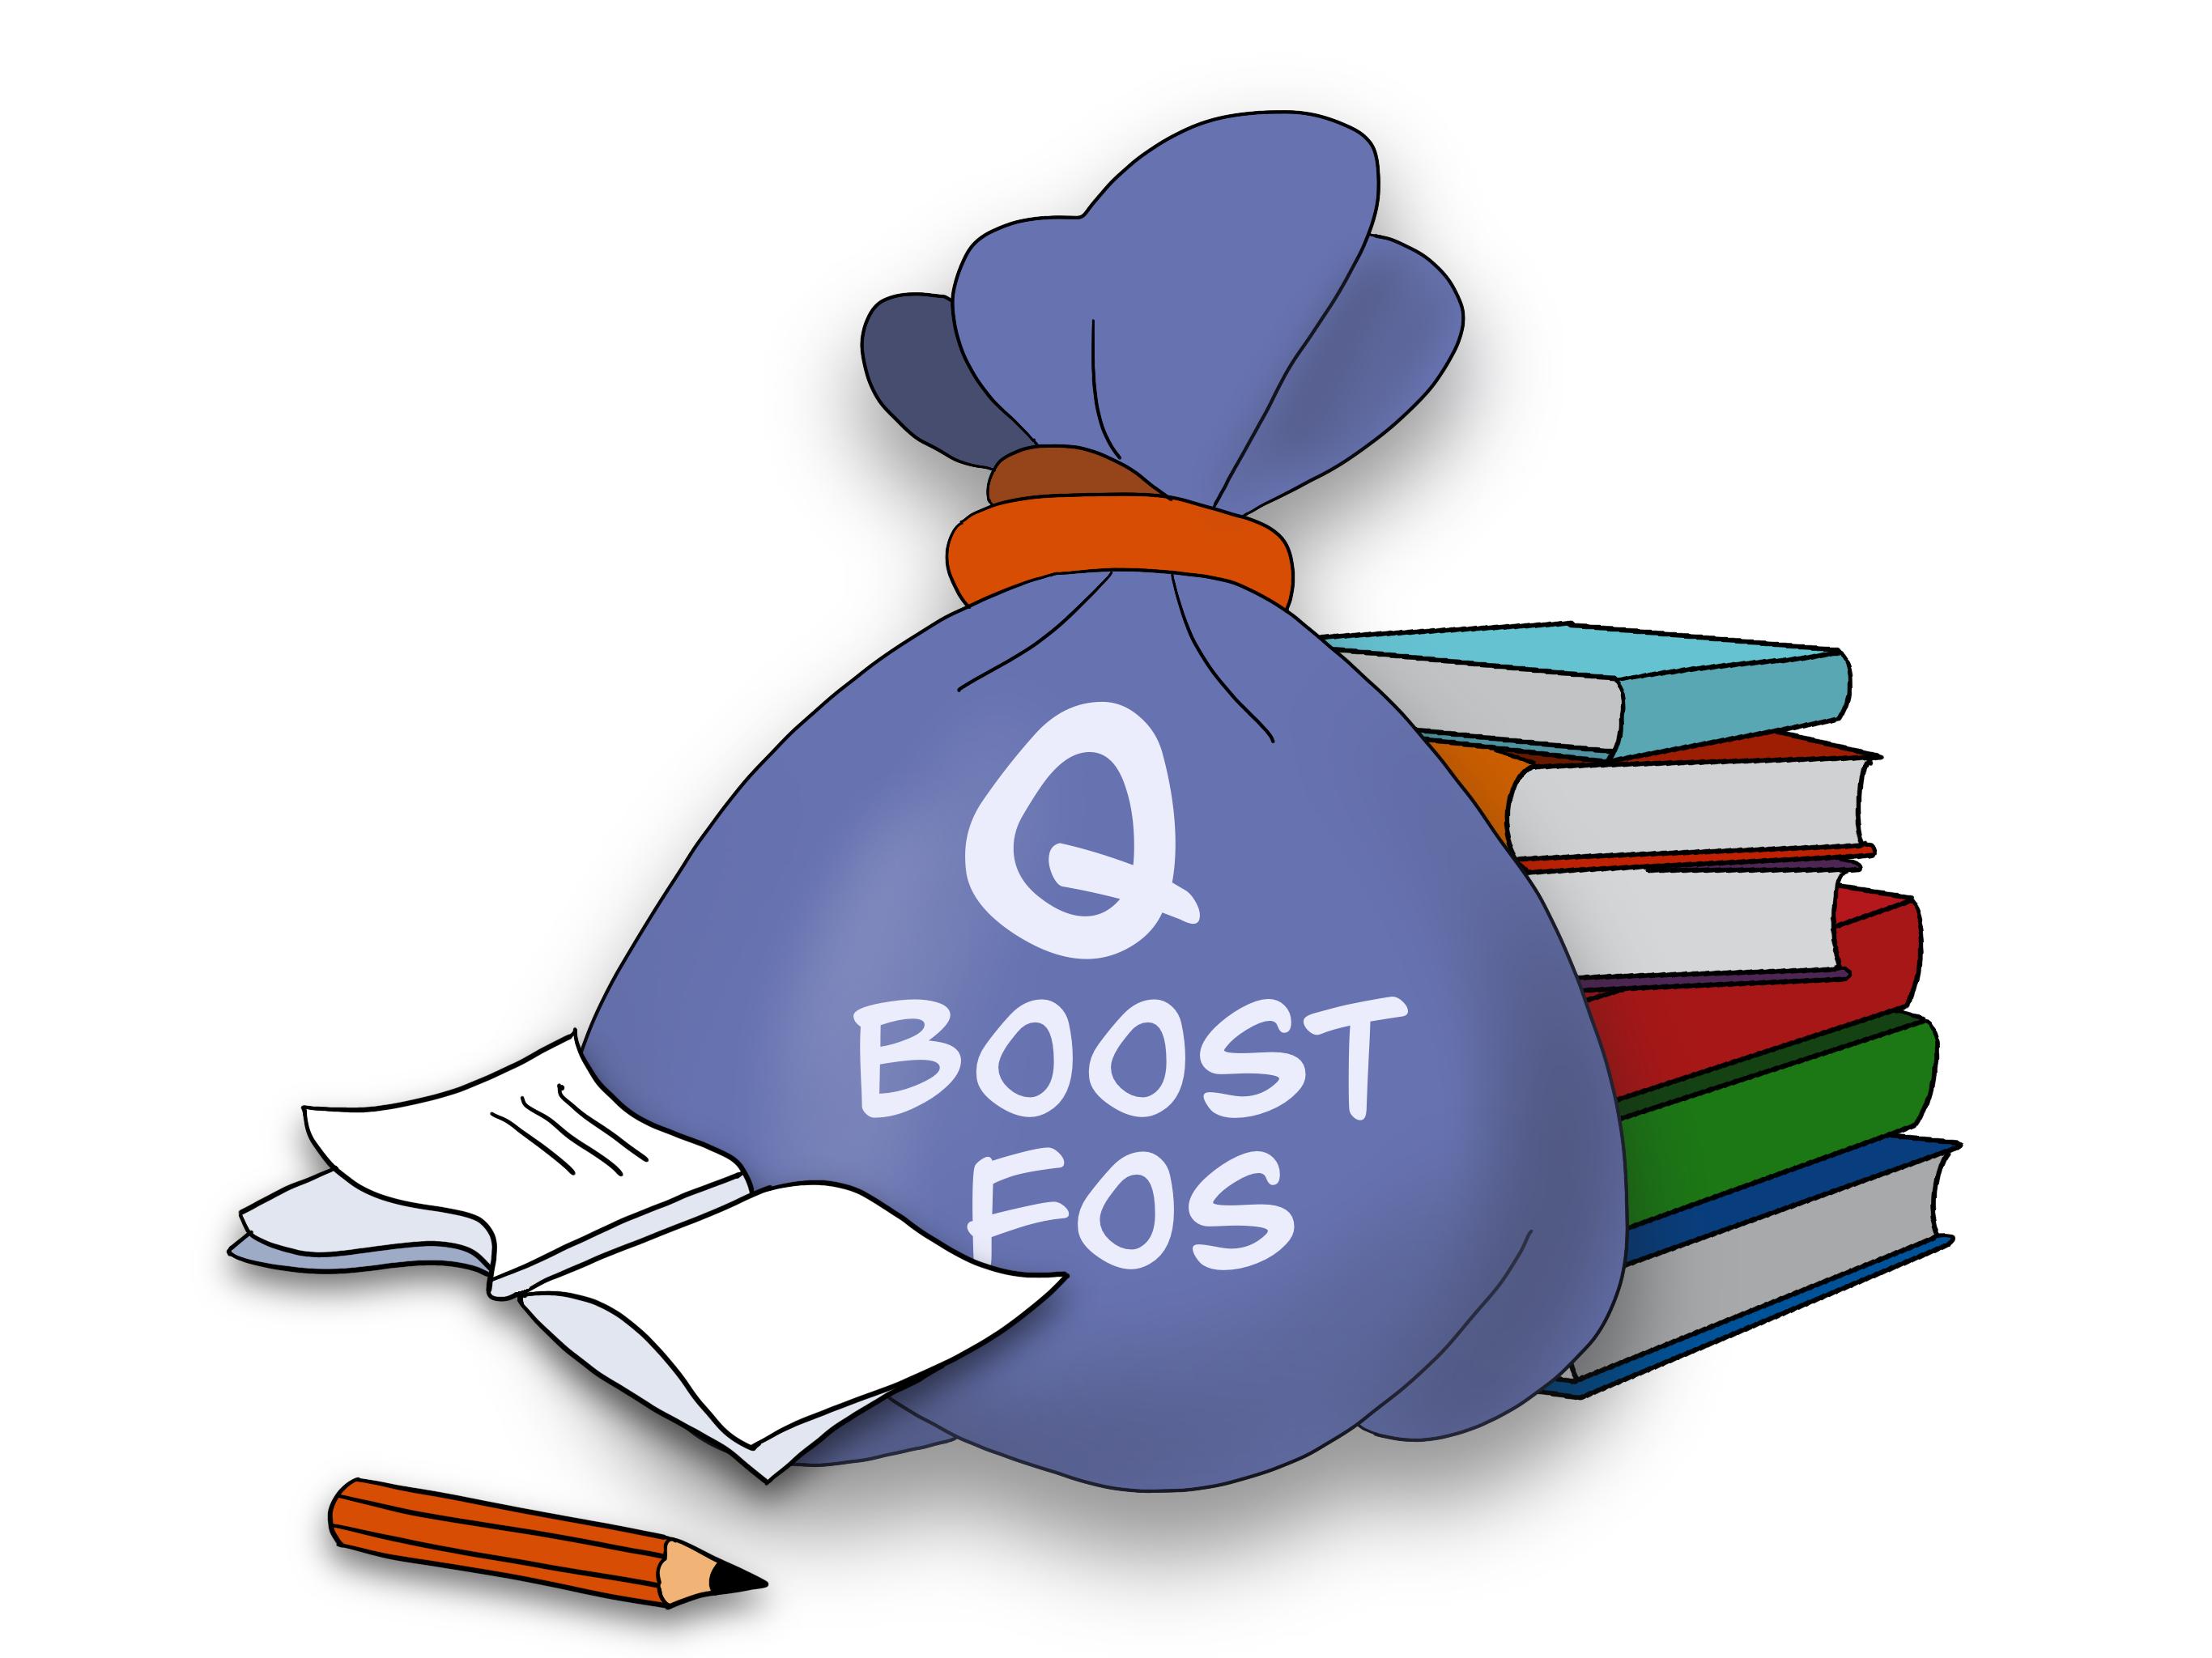 Vorgespräch Q-Boost FOS Vorbereitung